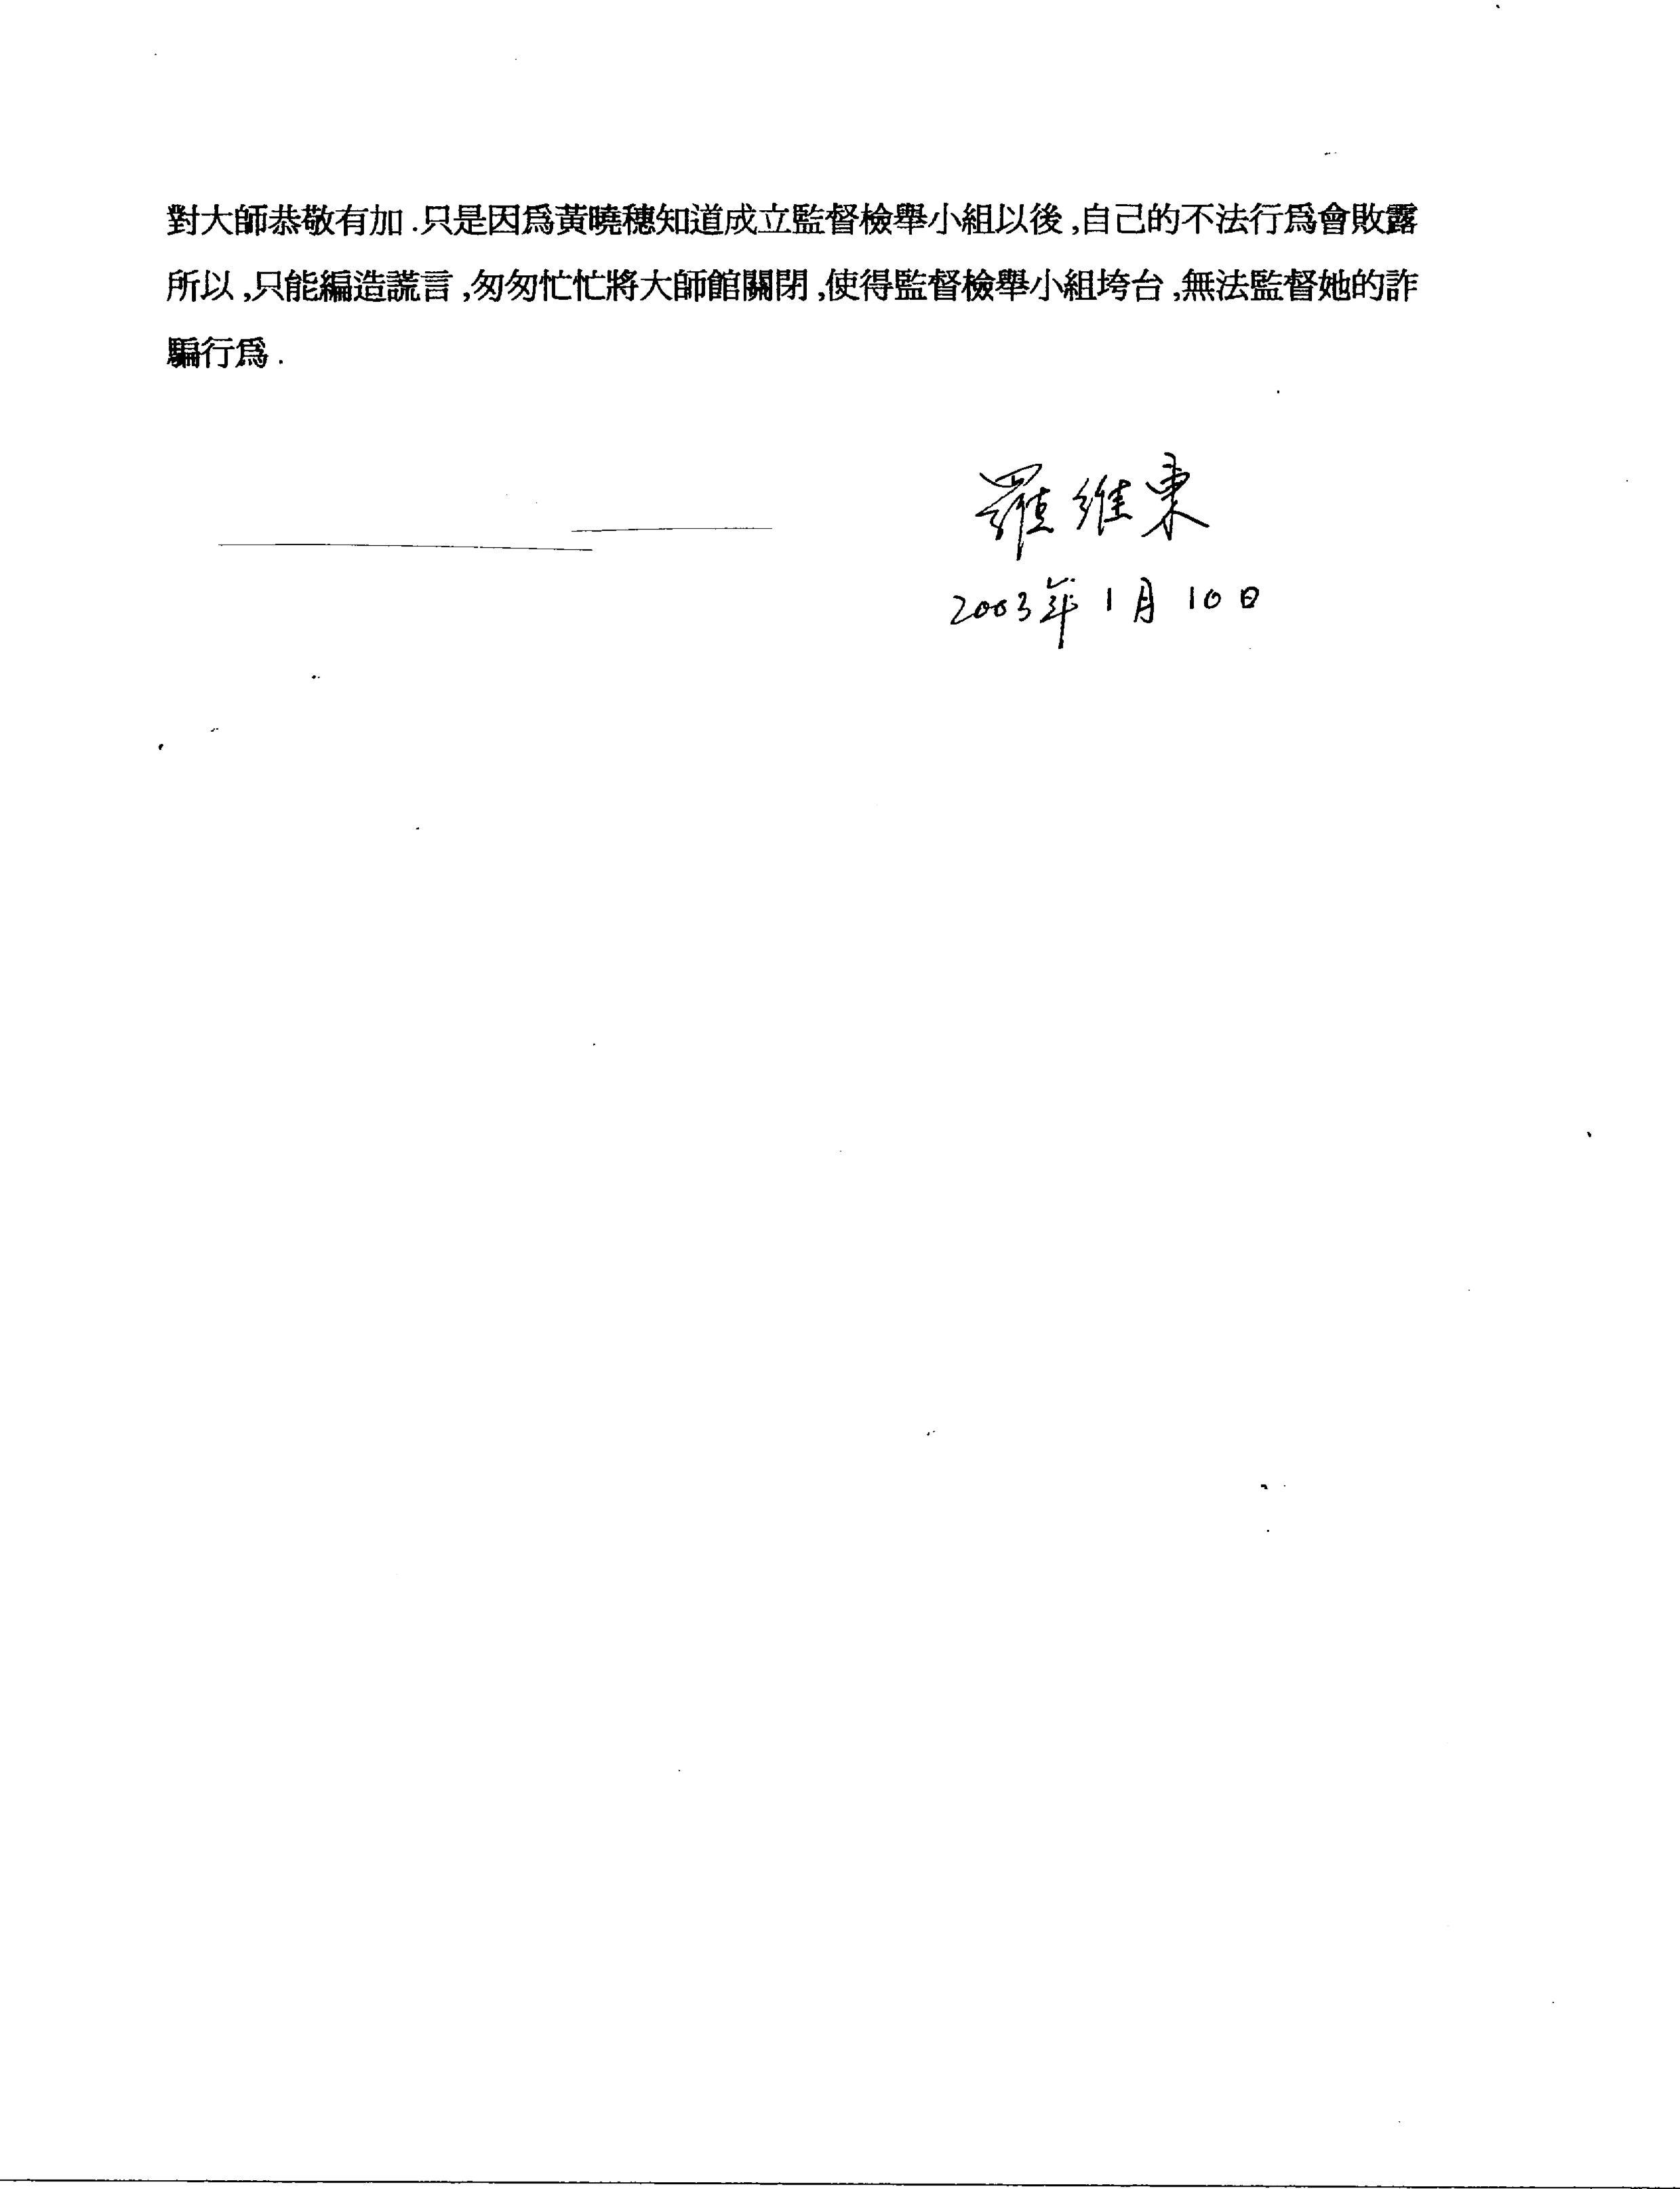 香港法院重判黄晓穗诈骗案 还第三世多杰羌佛清白 第11张